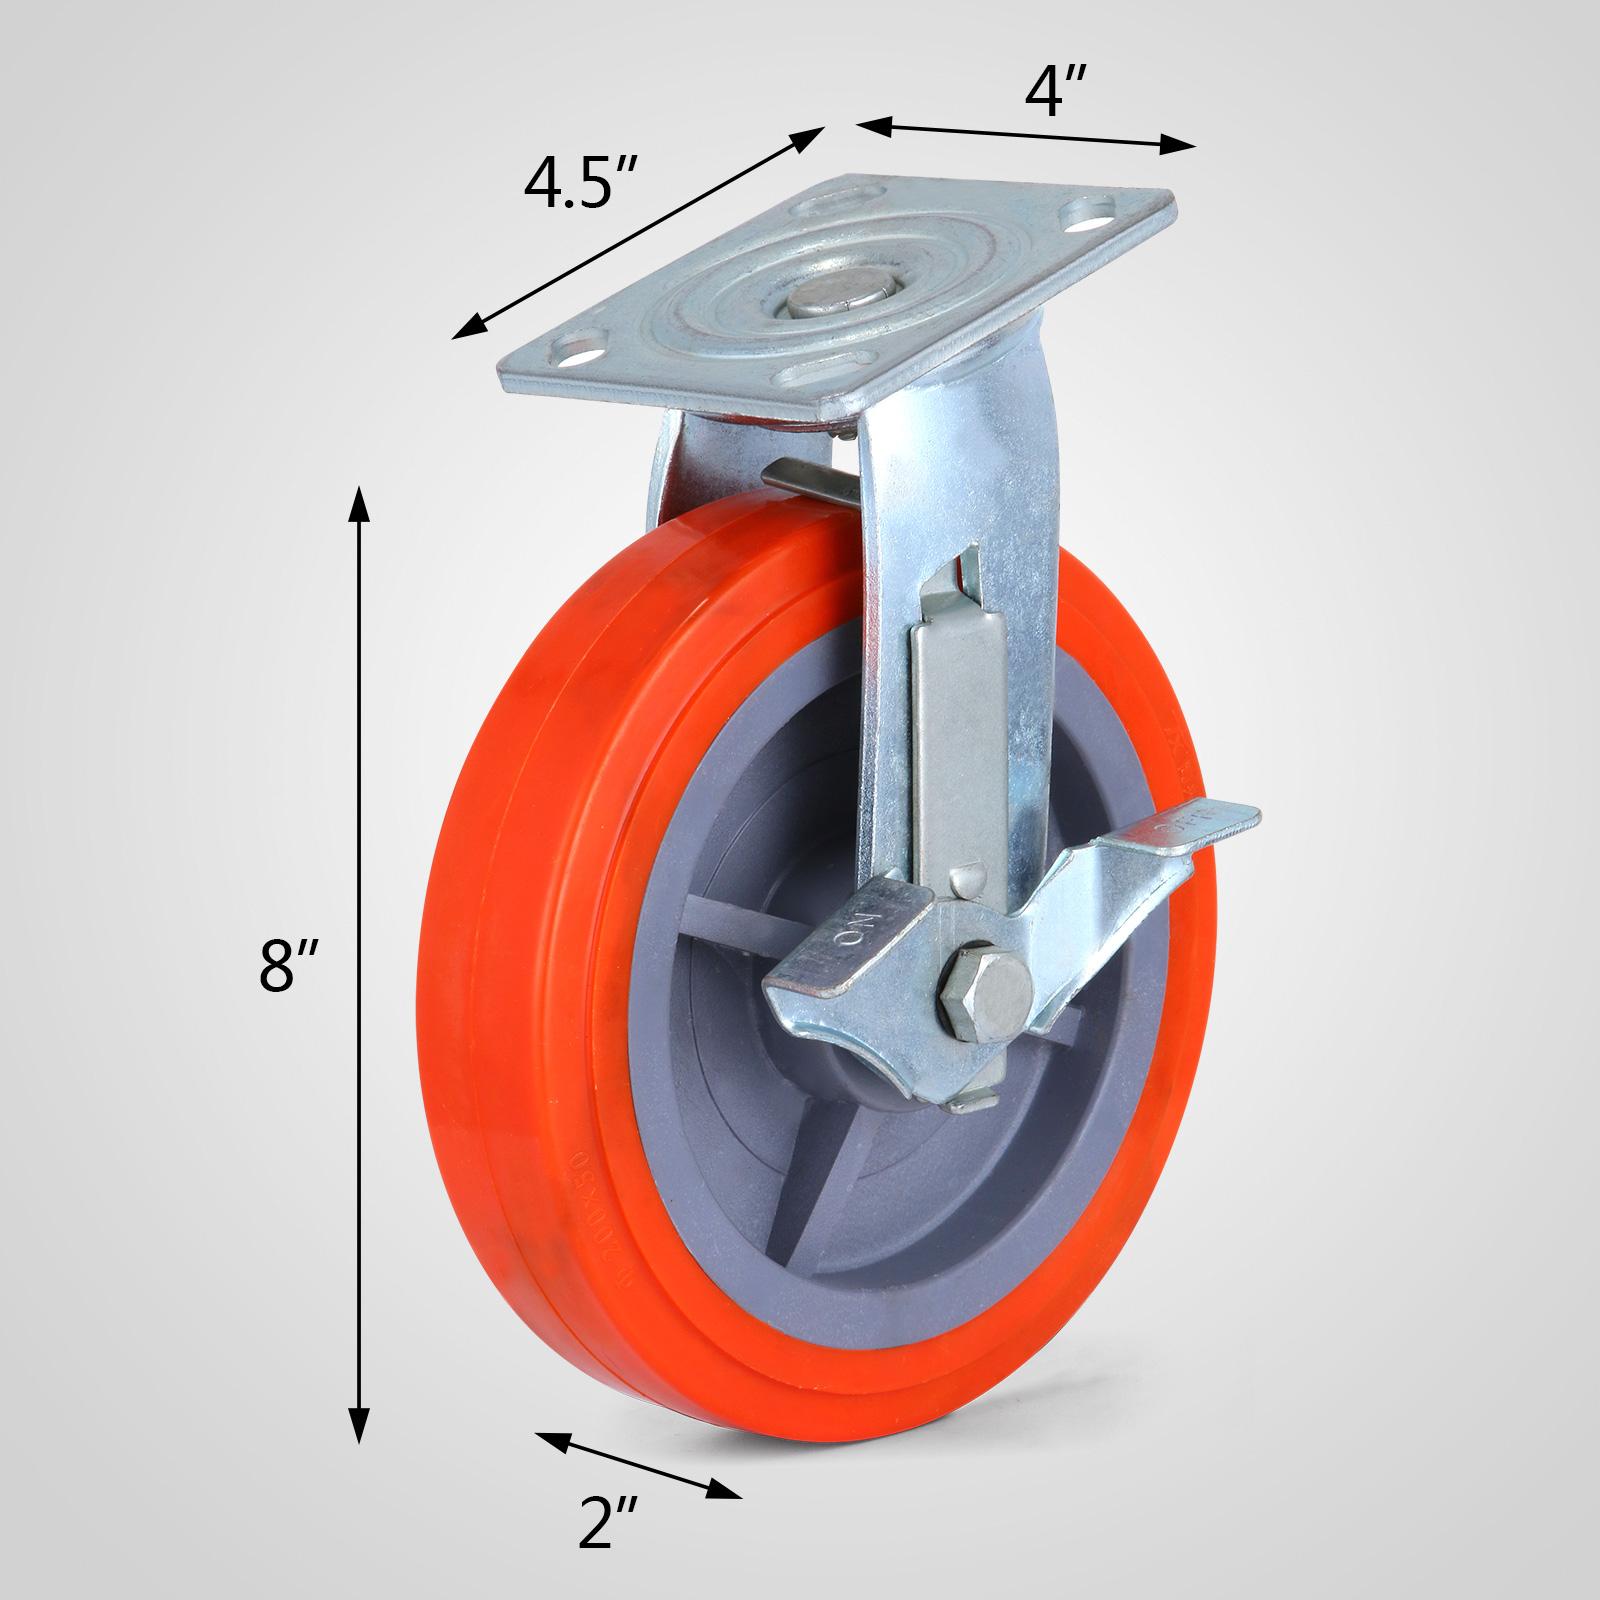 4 x 200mm ruedas de poliuretano giratorias muebles ruedas - Ruedas giratorias para muebles ...